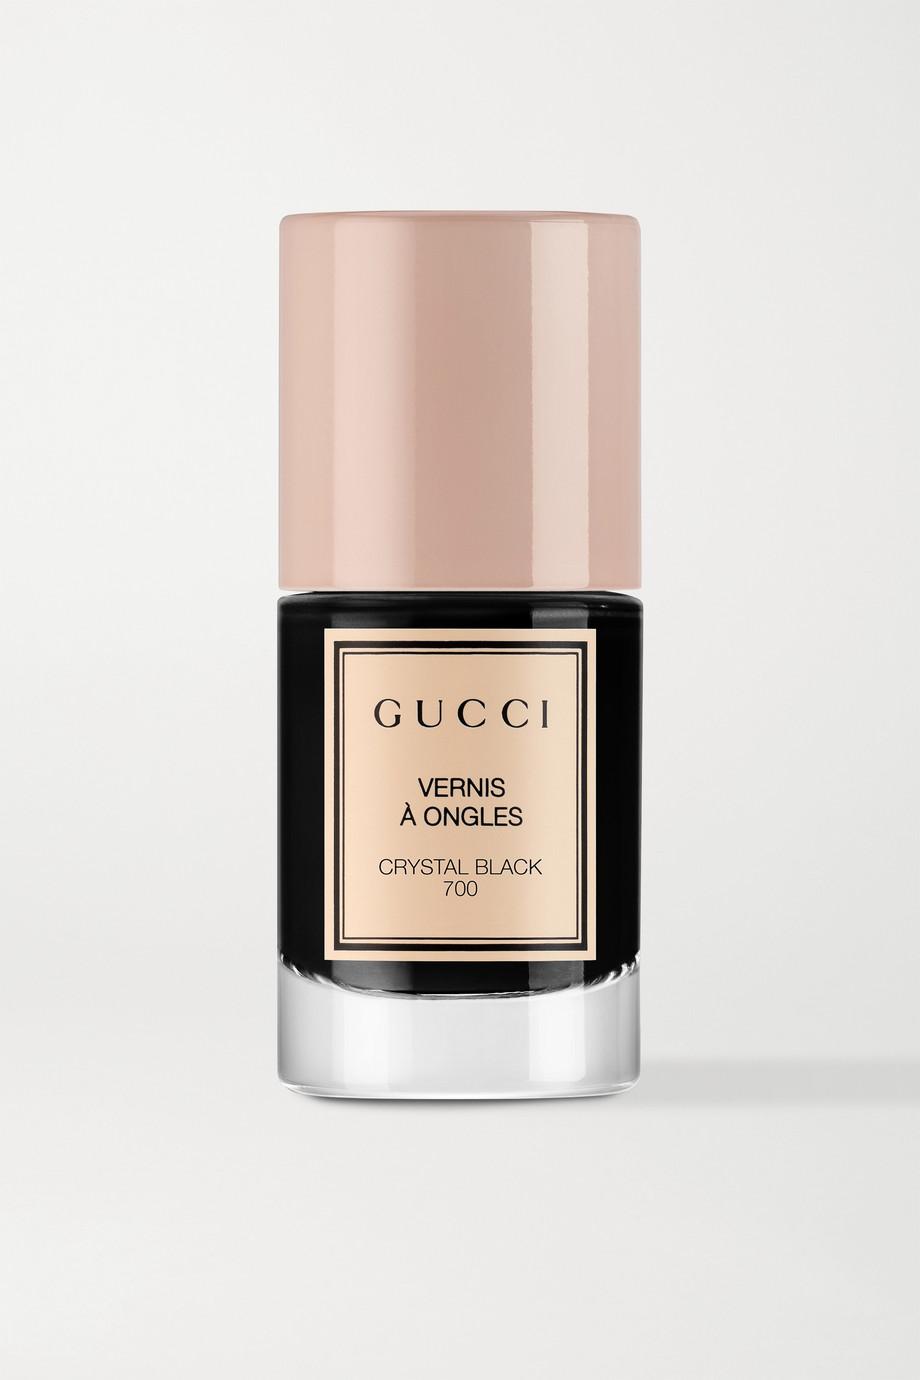 Gucci Beauty Nail Polish - Crystal Black 700